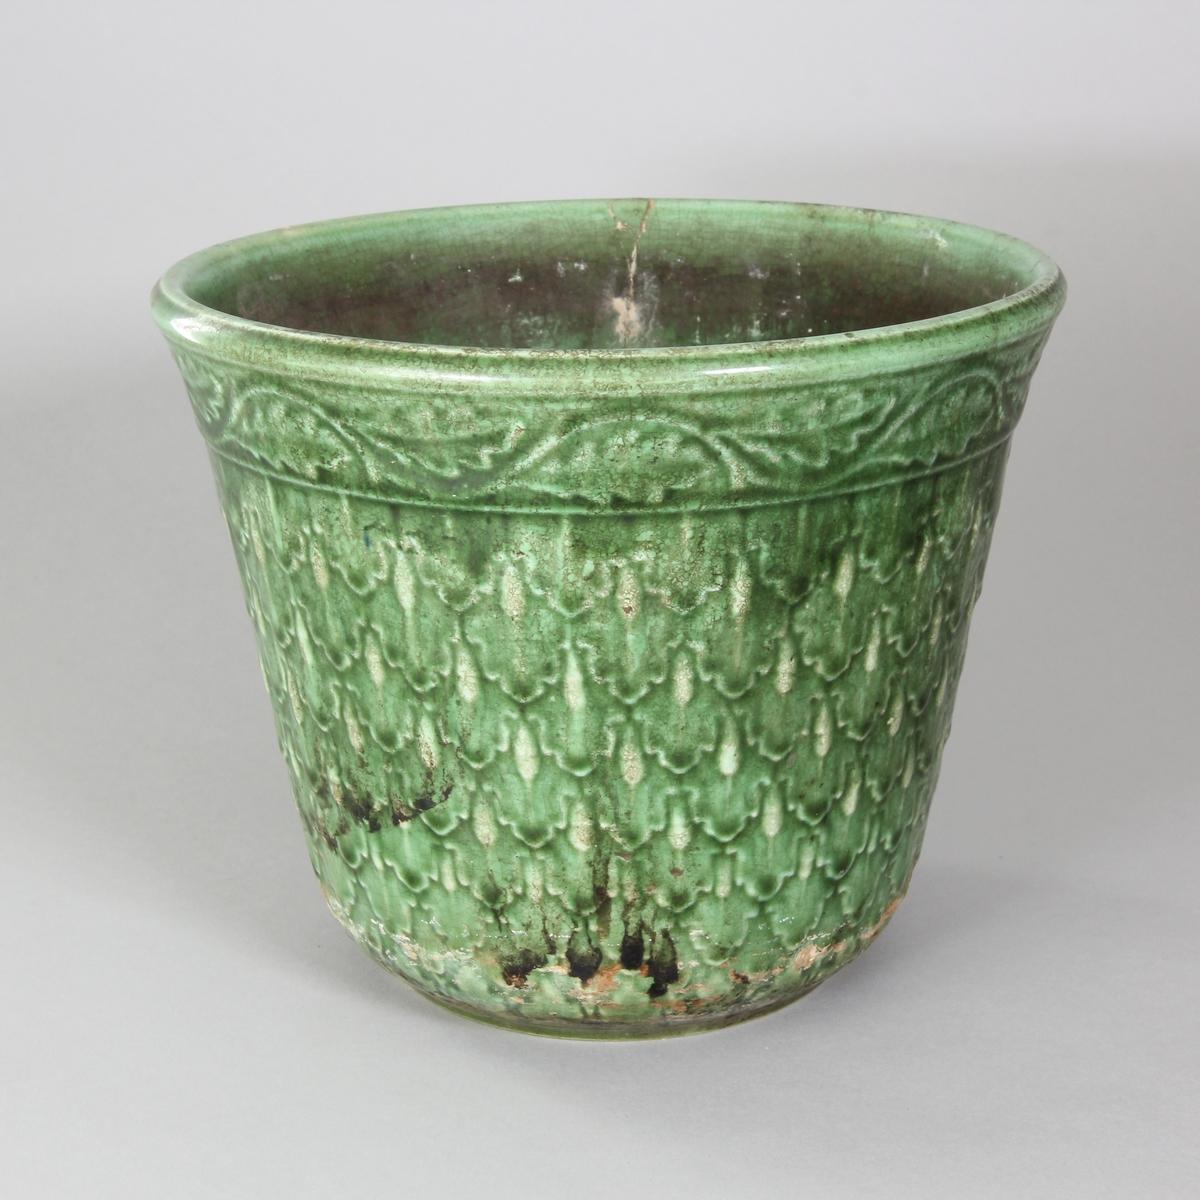 Blomkruka av lergods, grönglaserad in och utvändigt. Mönster av tätt sittande ekollon samt ekblad vid mynningskanten.